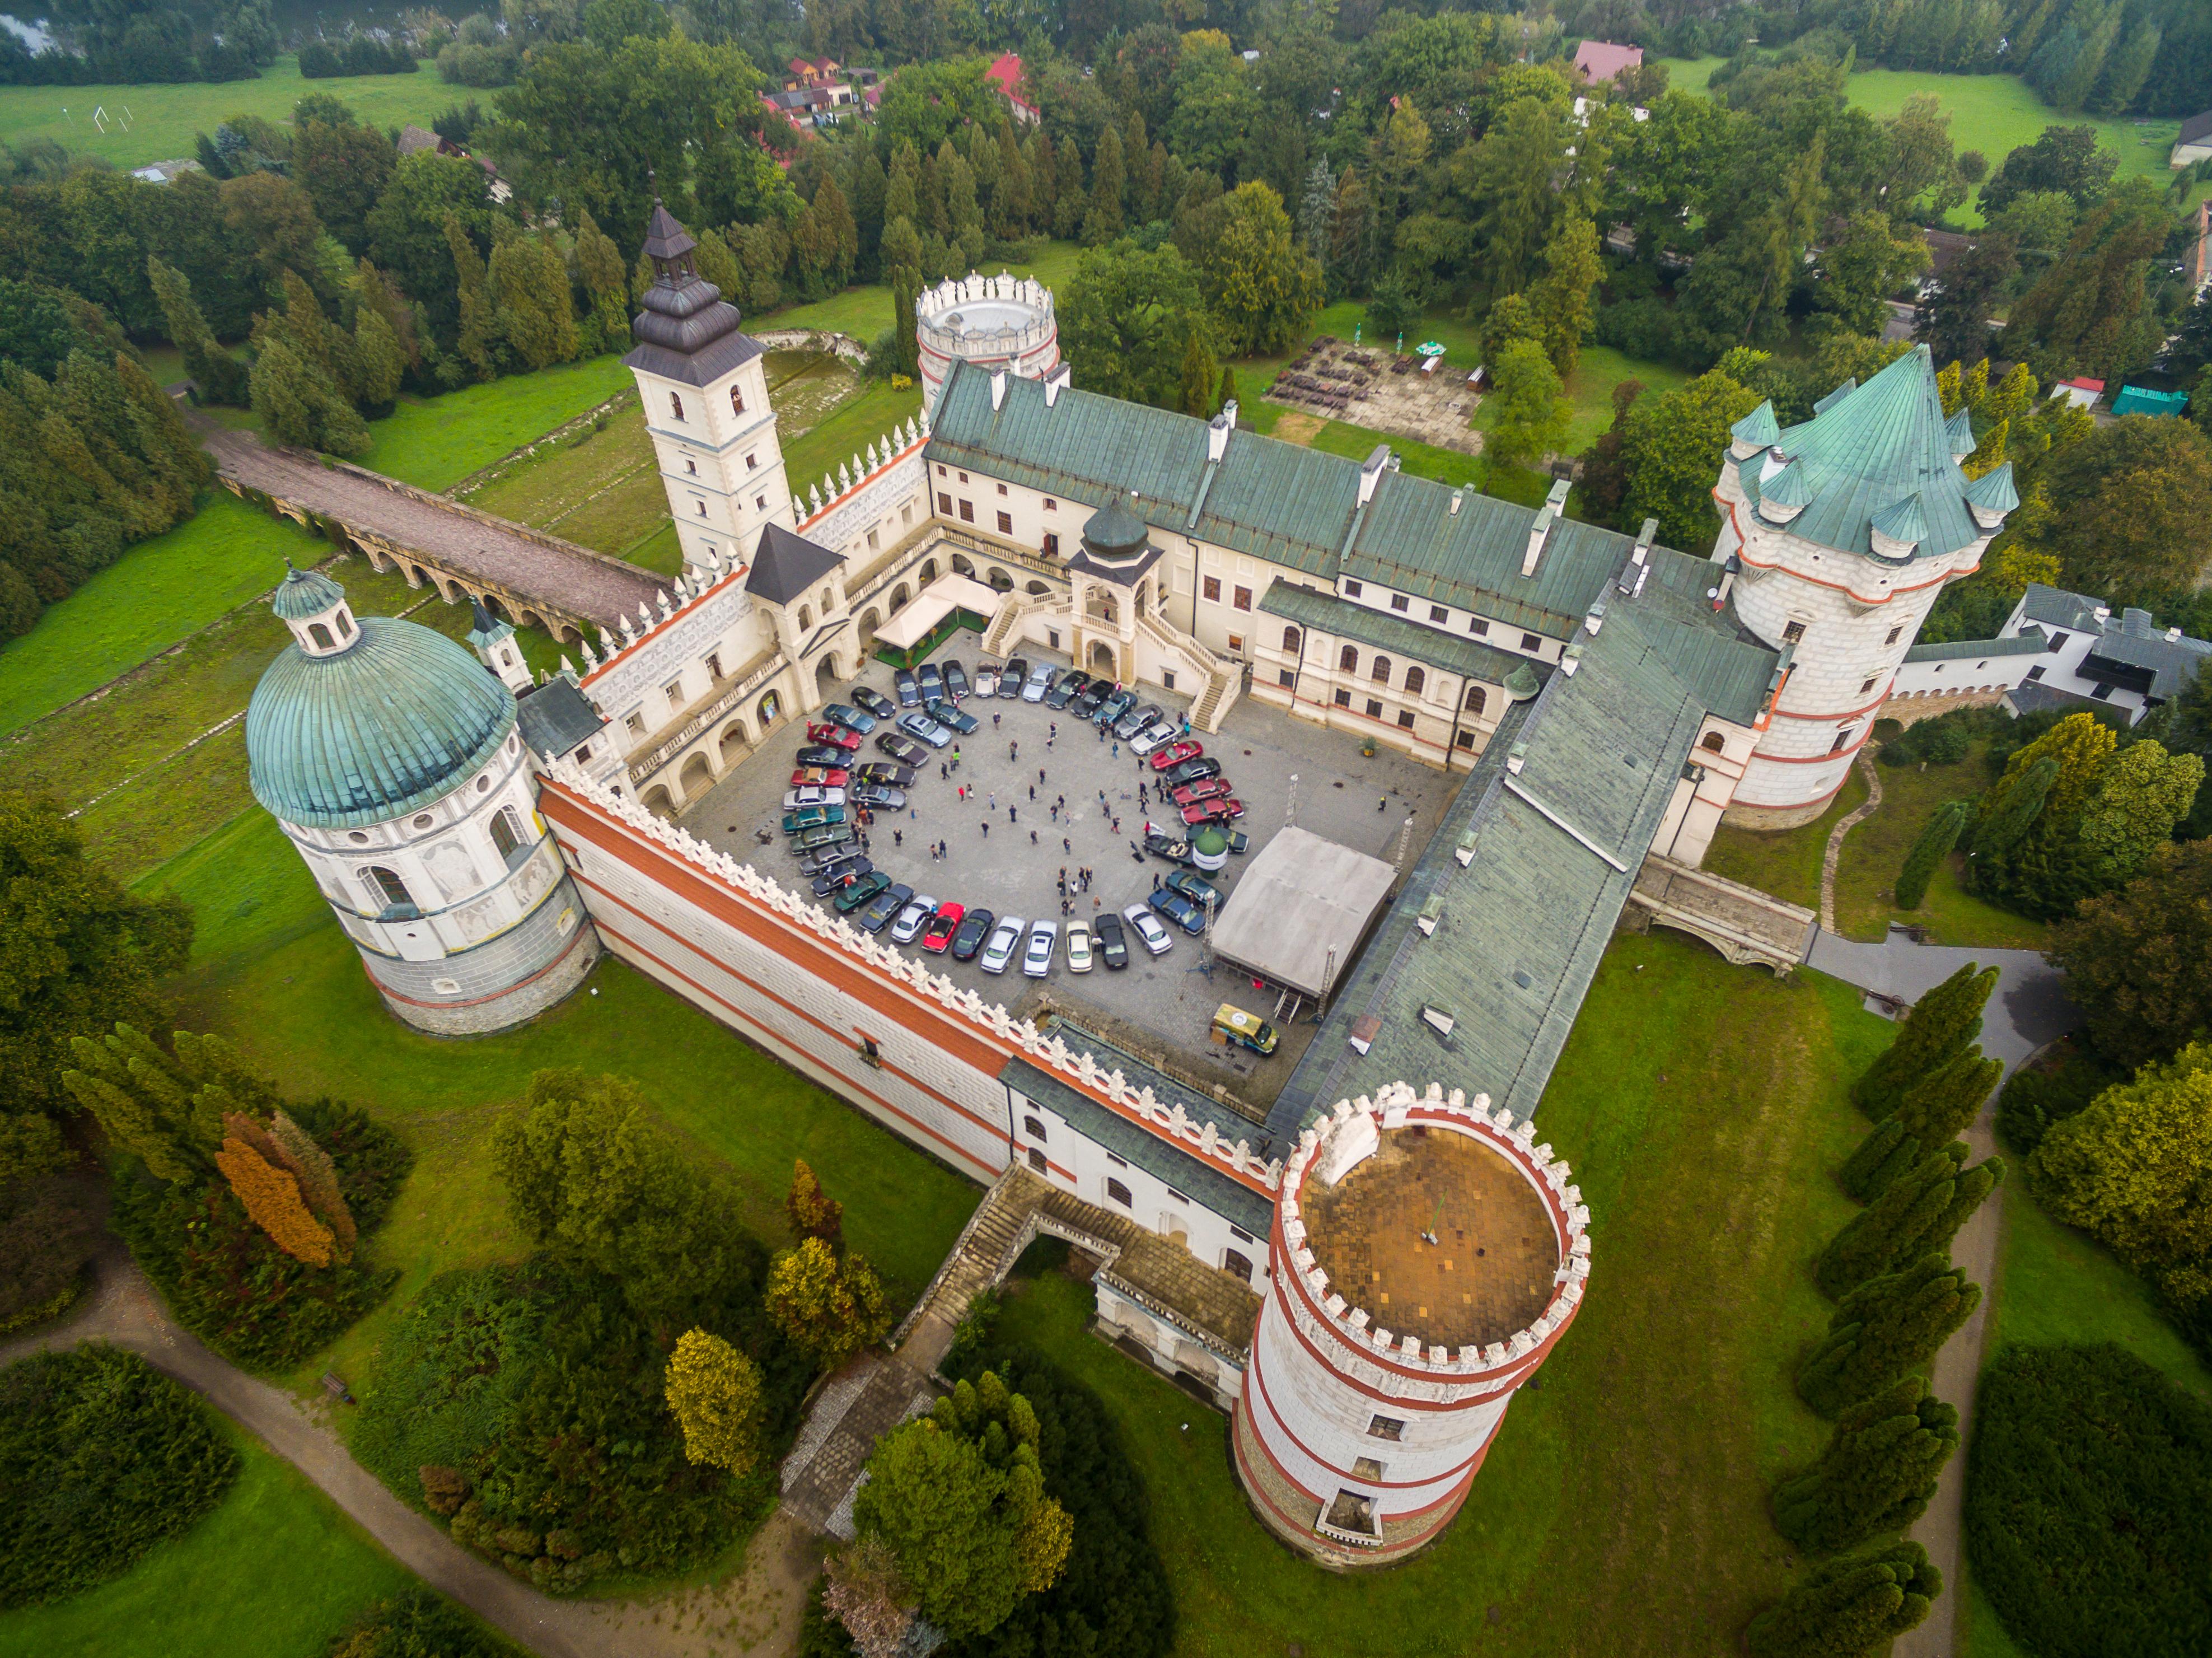 2016-09-25-zamek-krasiczyn-7